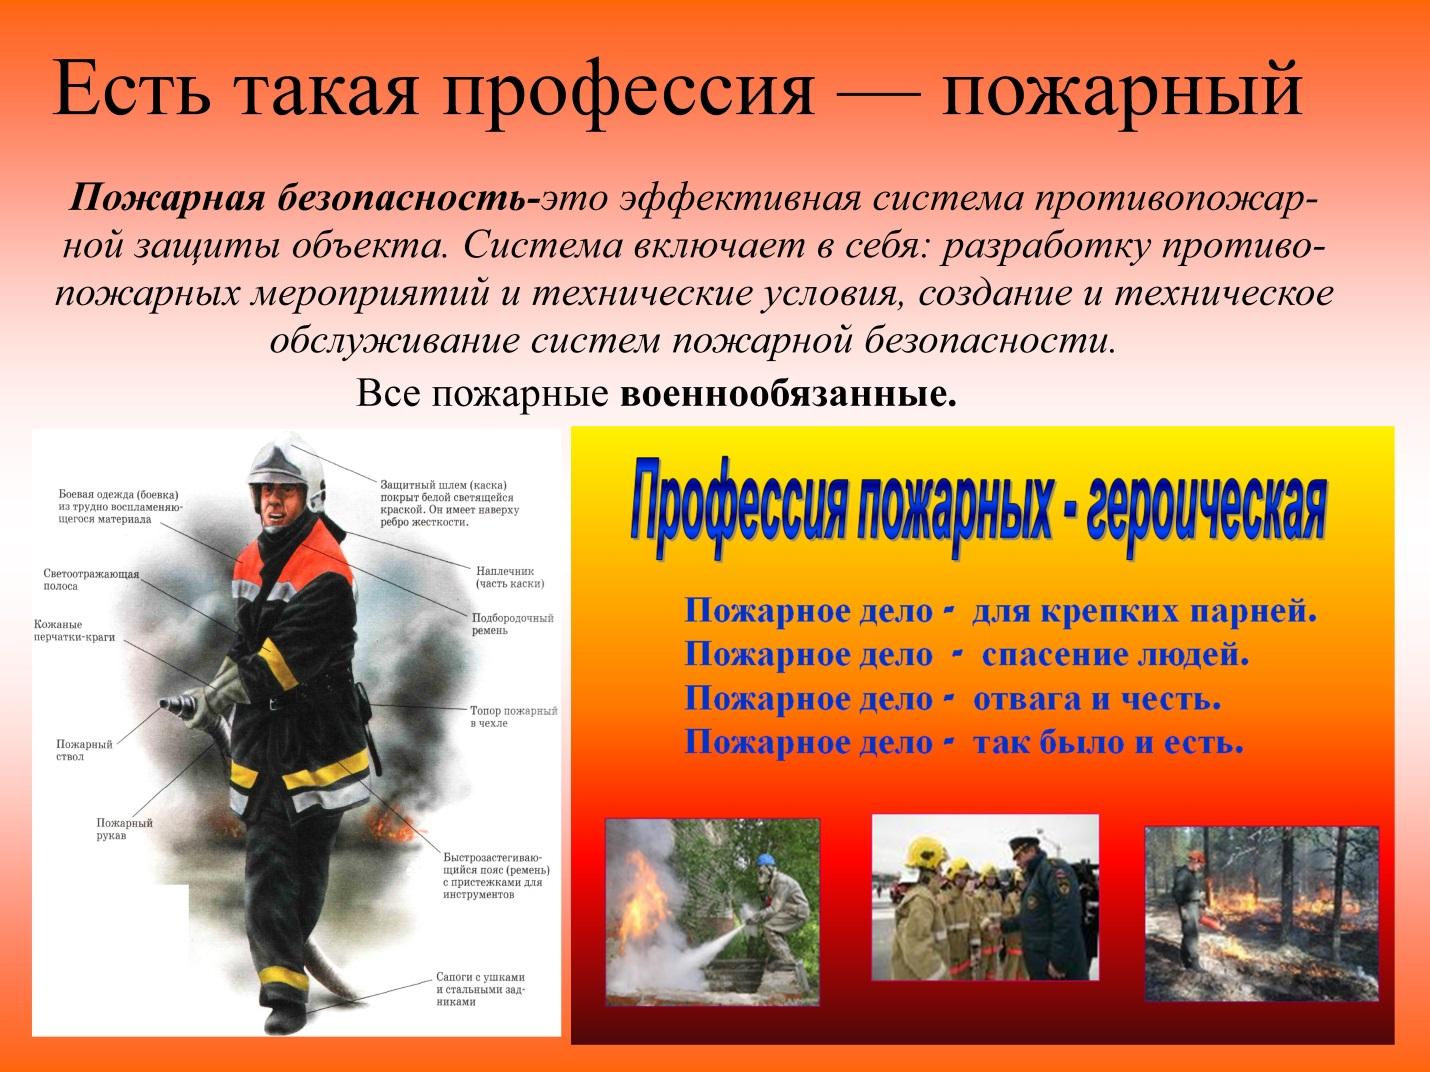 C:\Users\Олеся\Desktop\Для О.Ю.В\пожарные плакаты\Есть такая профессия.jpg